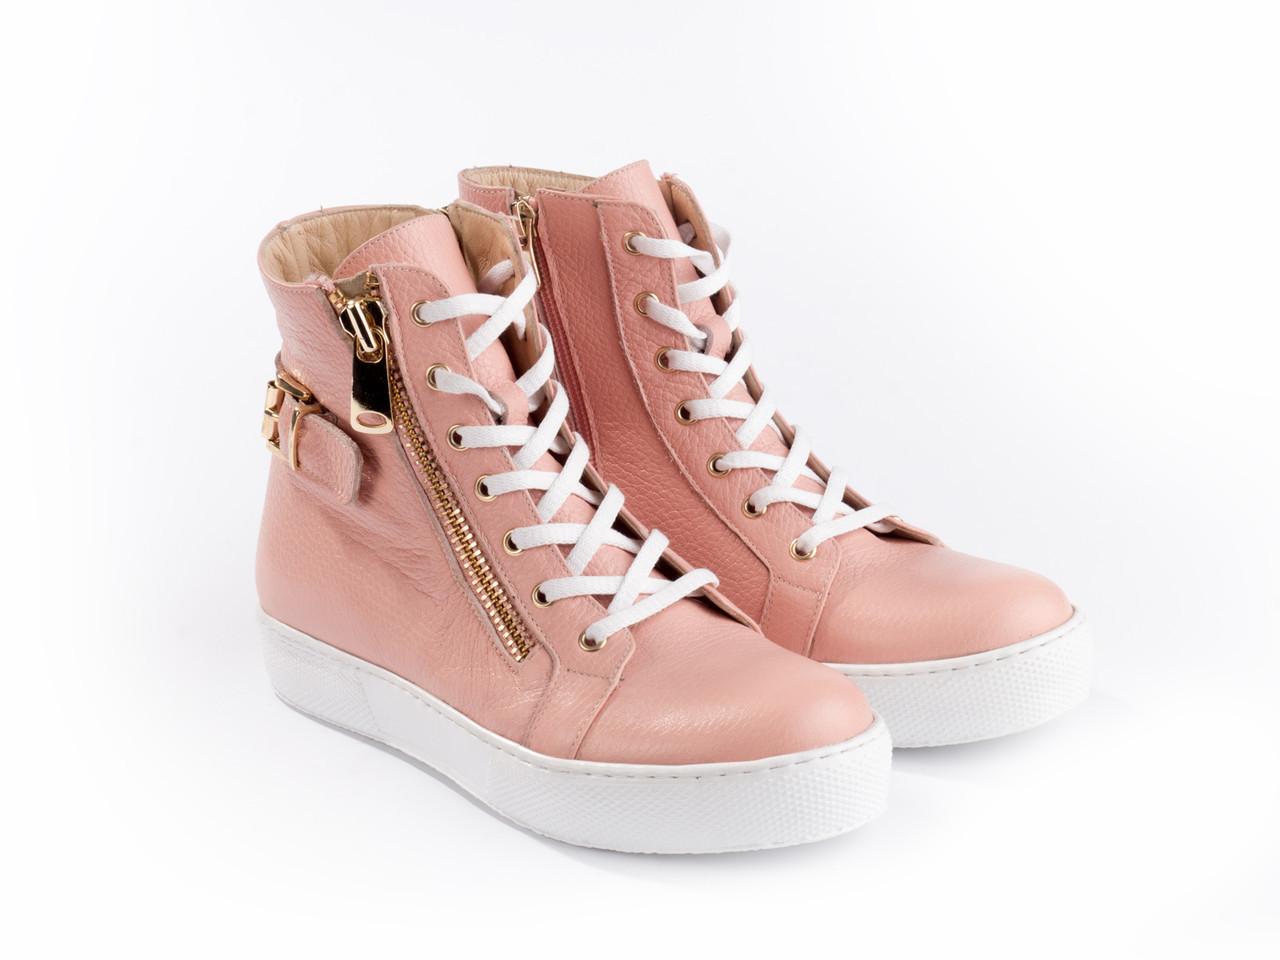 Ботинки Etor 4481-32-374-3011 36 розовые